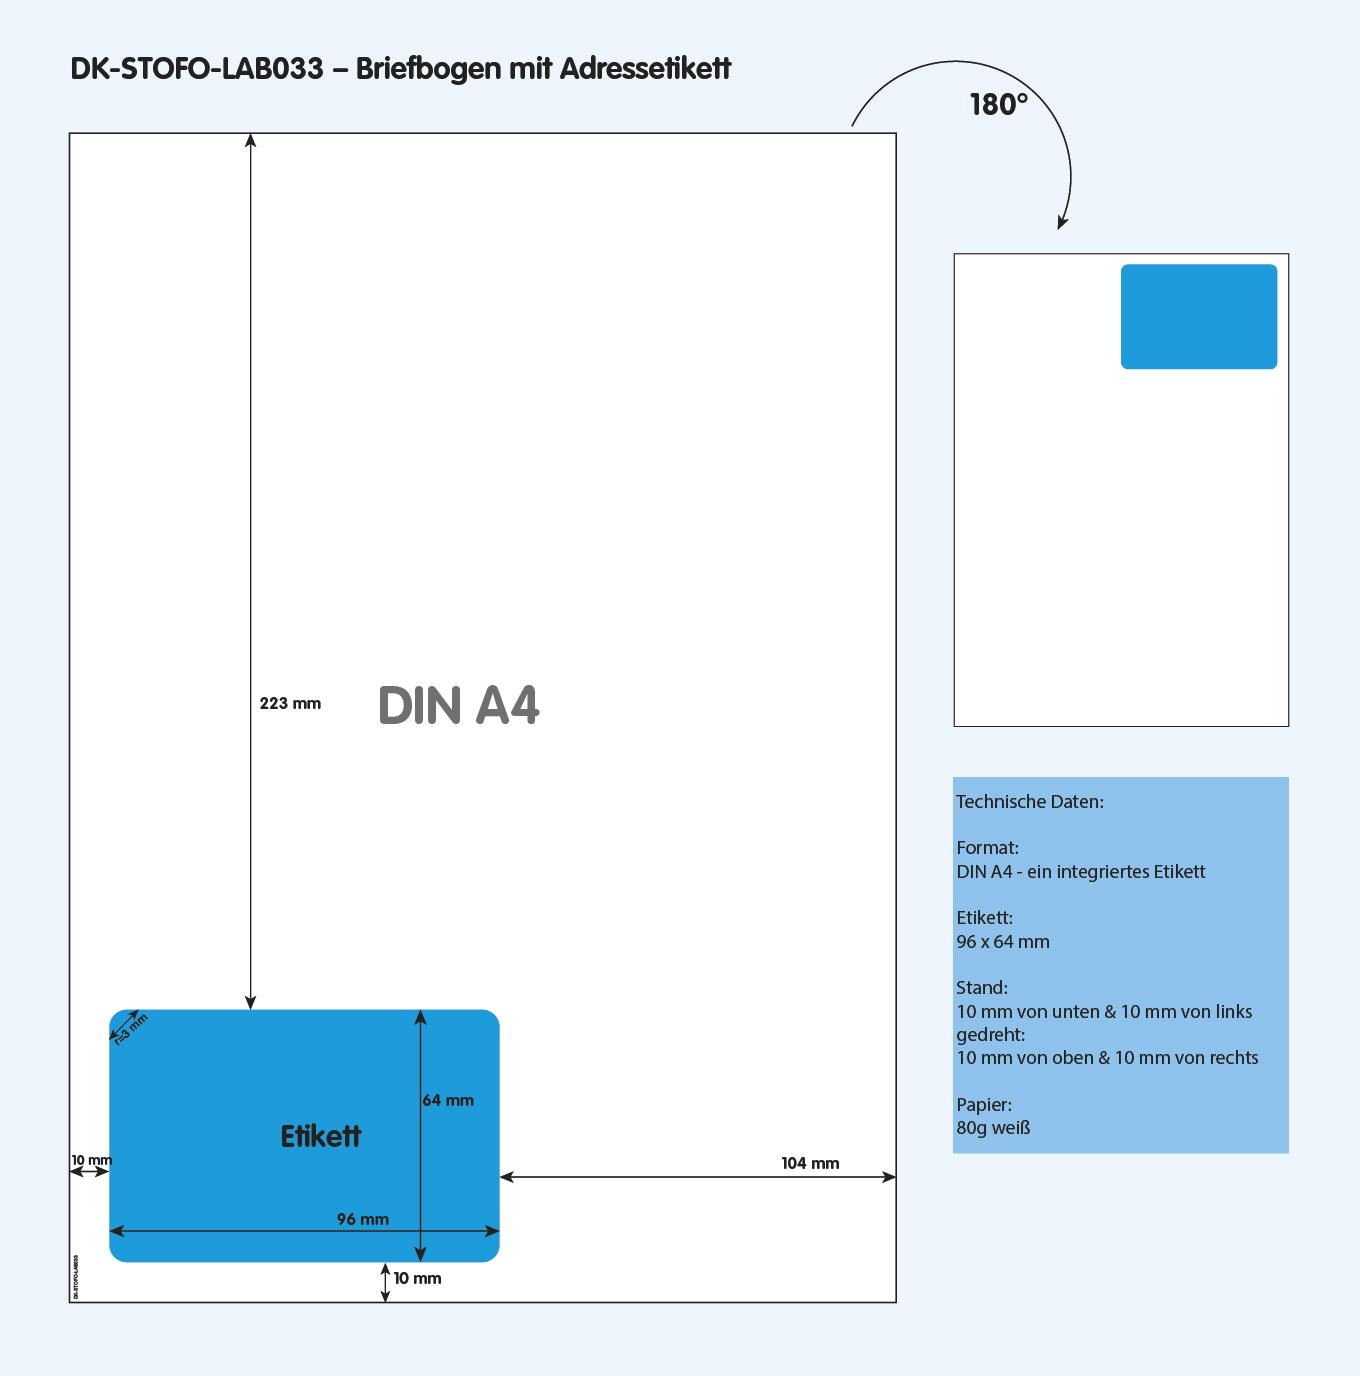 DK-STOFO-LAB033 - technische Zeichnung